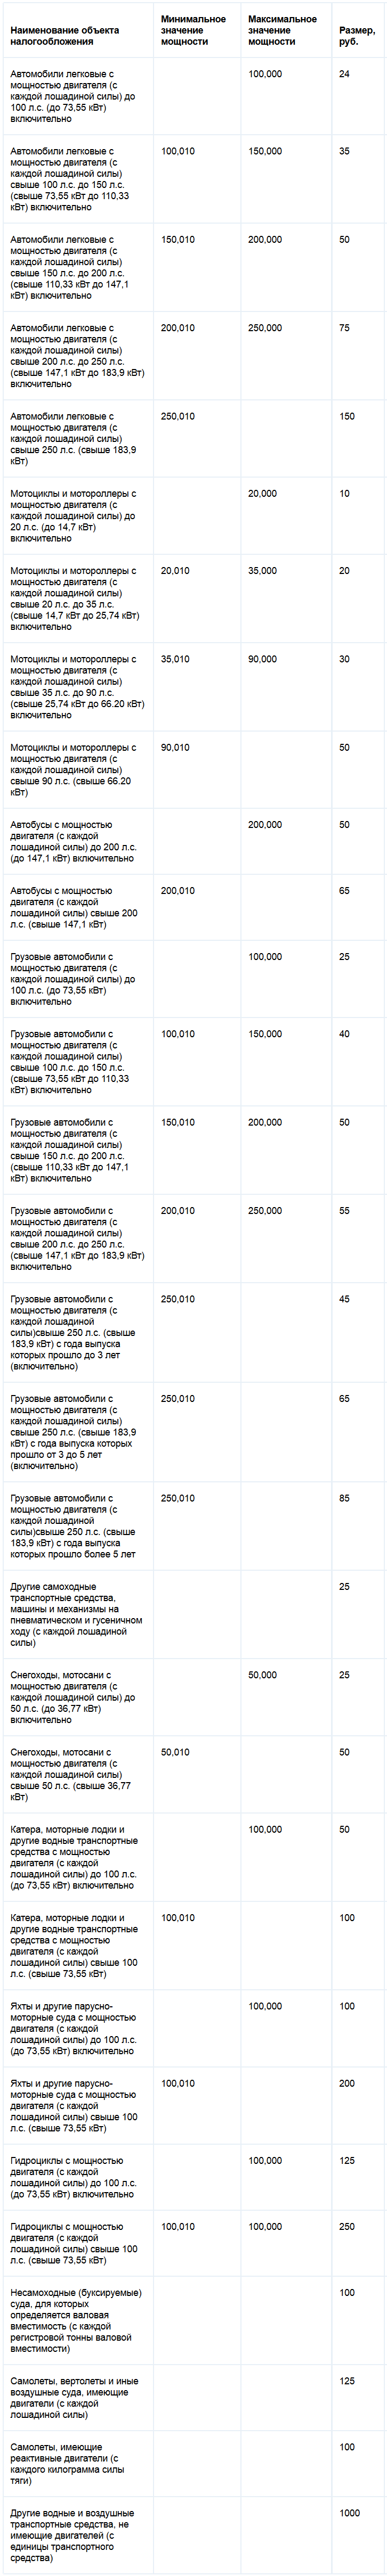 Ставки транспортного налога Санкт-Петербурга